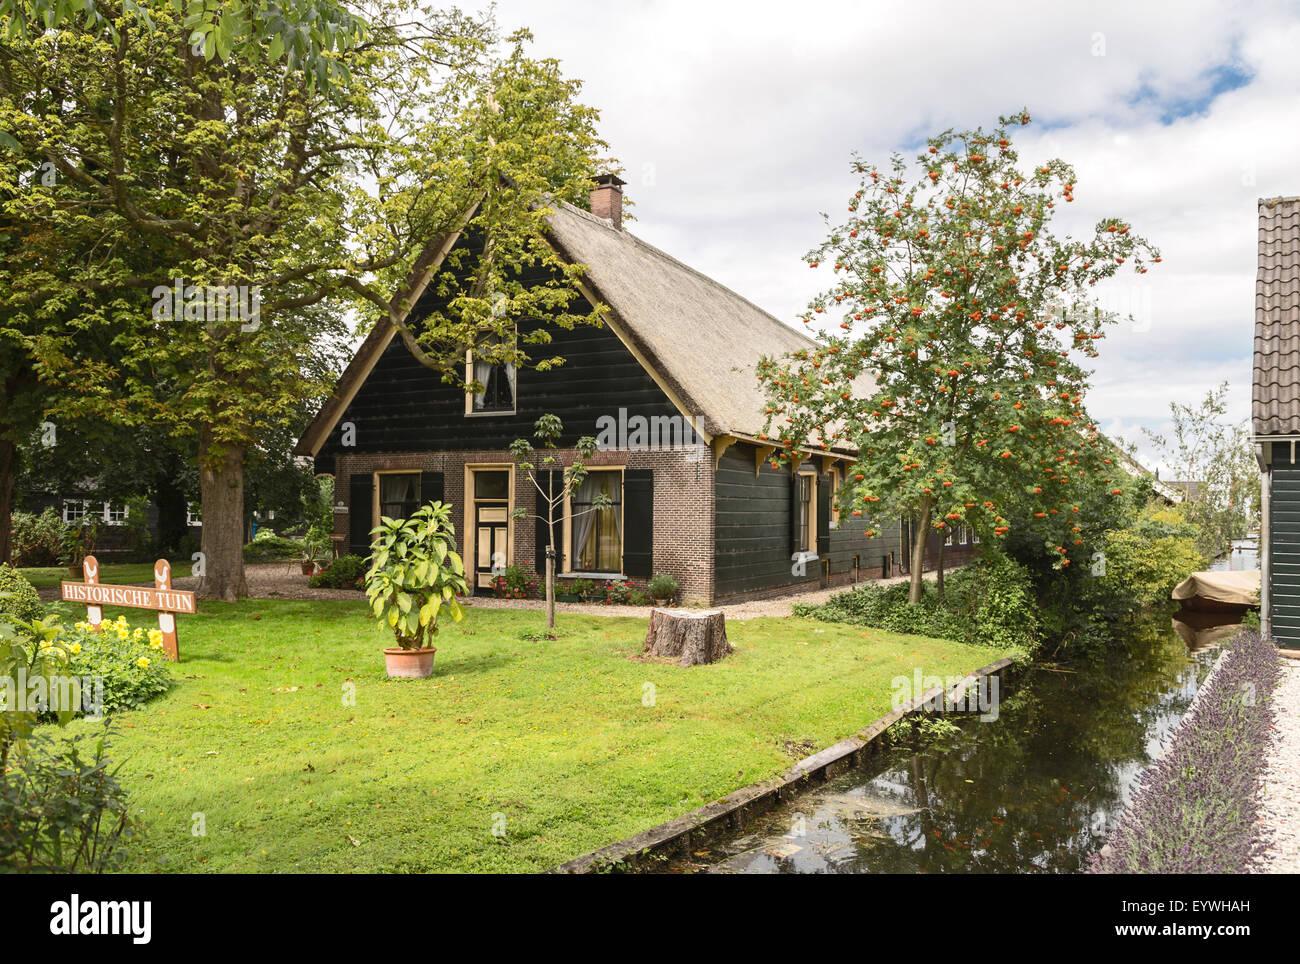 Historische Tuin Aalsmeer : Tuinbouwmuseum historische tuin aalsmeer aalsmeer flower